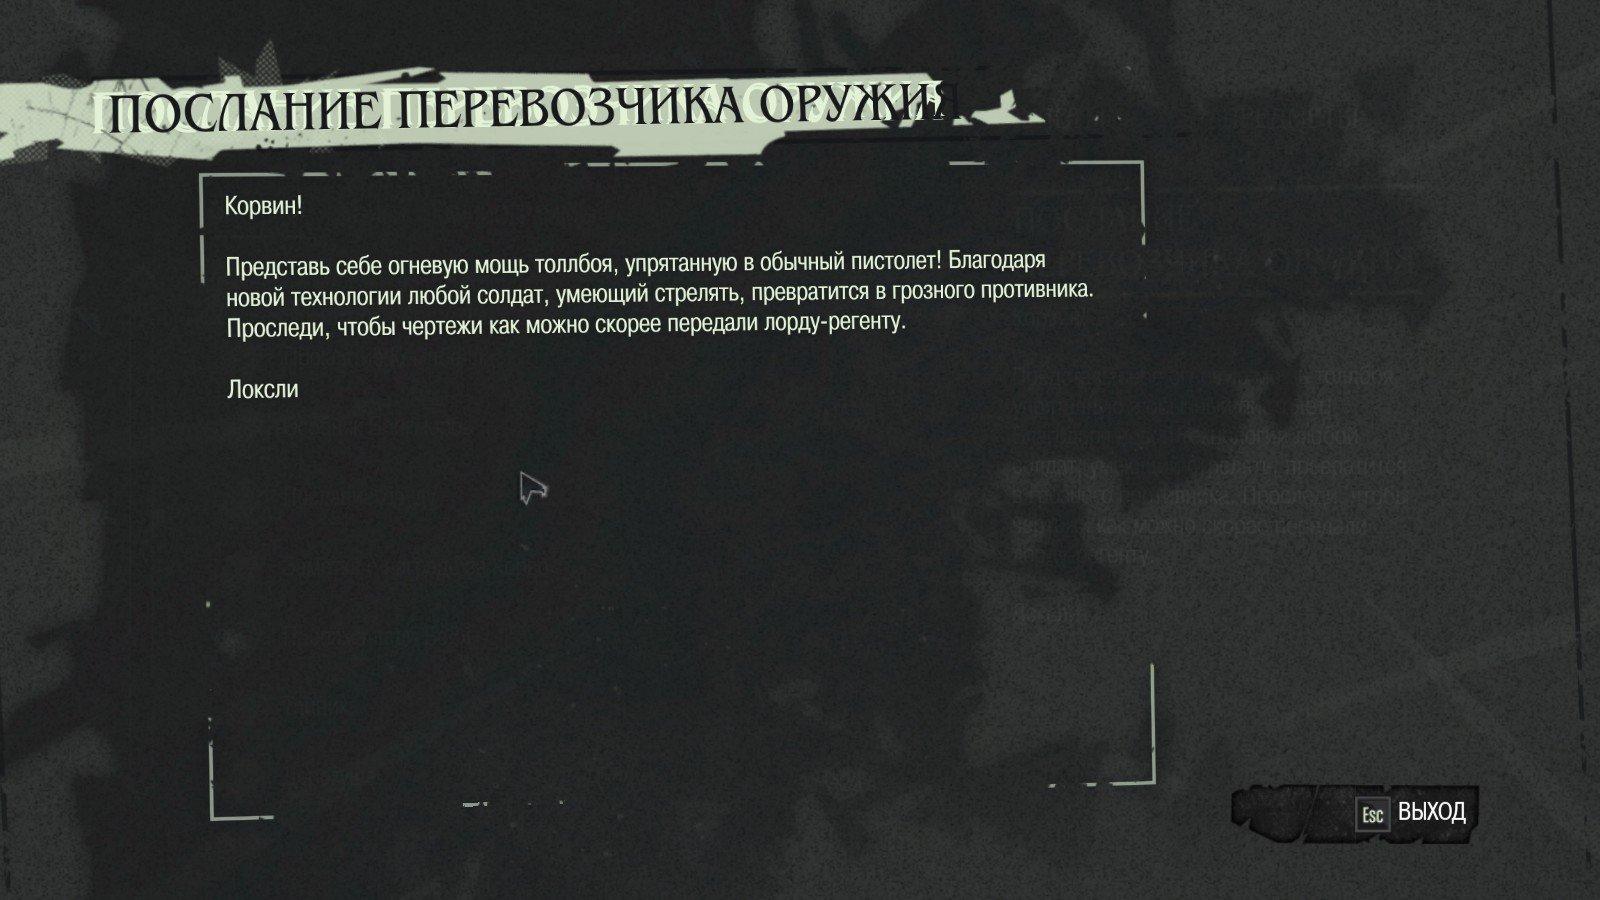 Да-да! Это я тот самый Школьник. И мне действительно понравился Dishonored, и я, Школьник, не собираюсь писать ниже, ... - Изображение 3